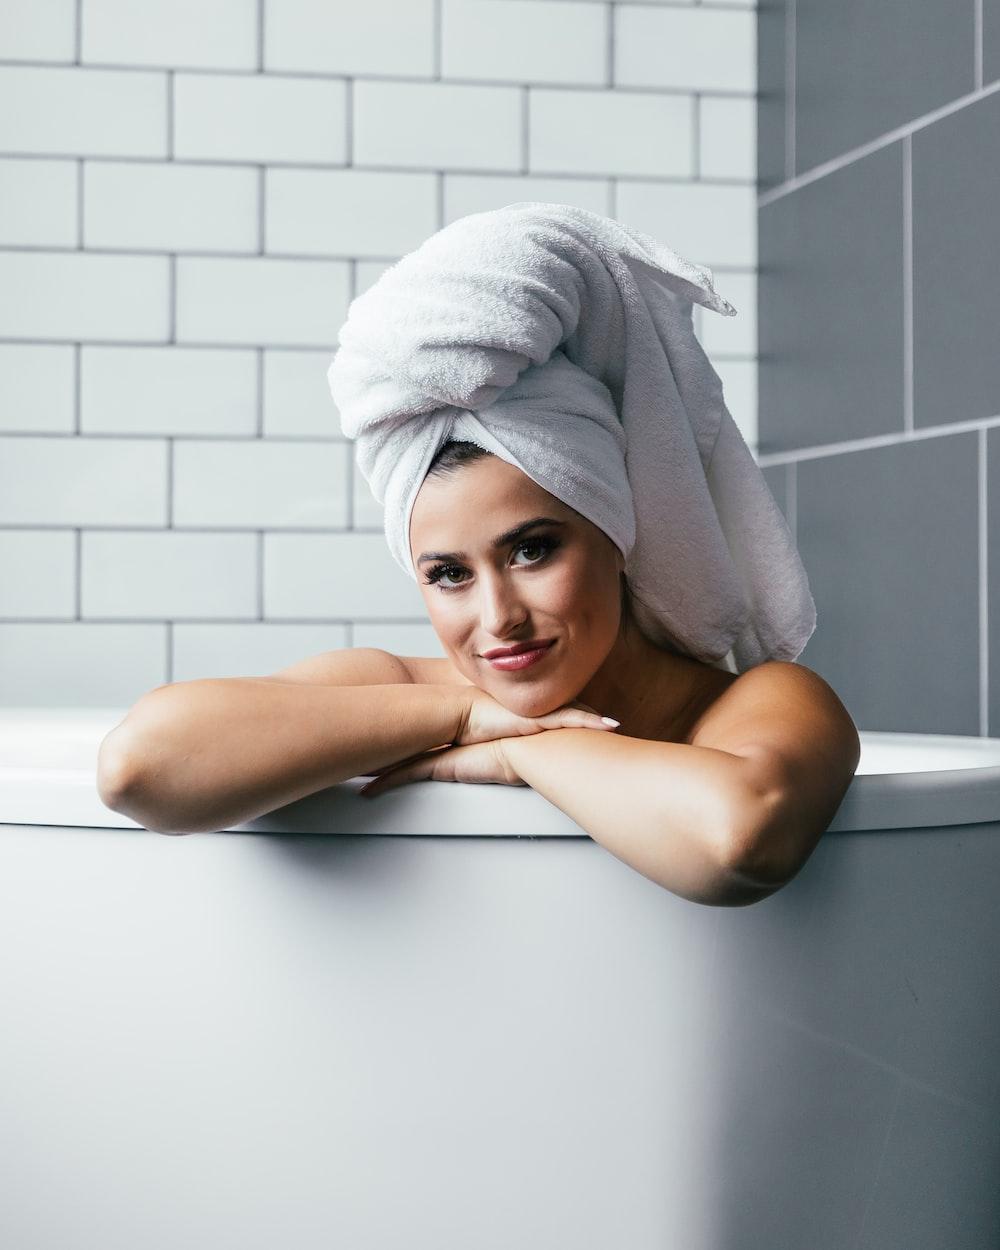 woman inside bathtub